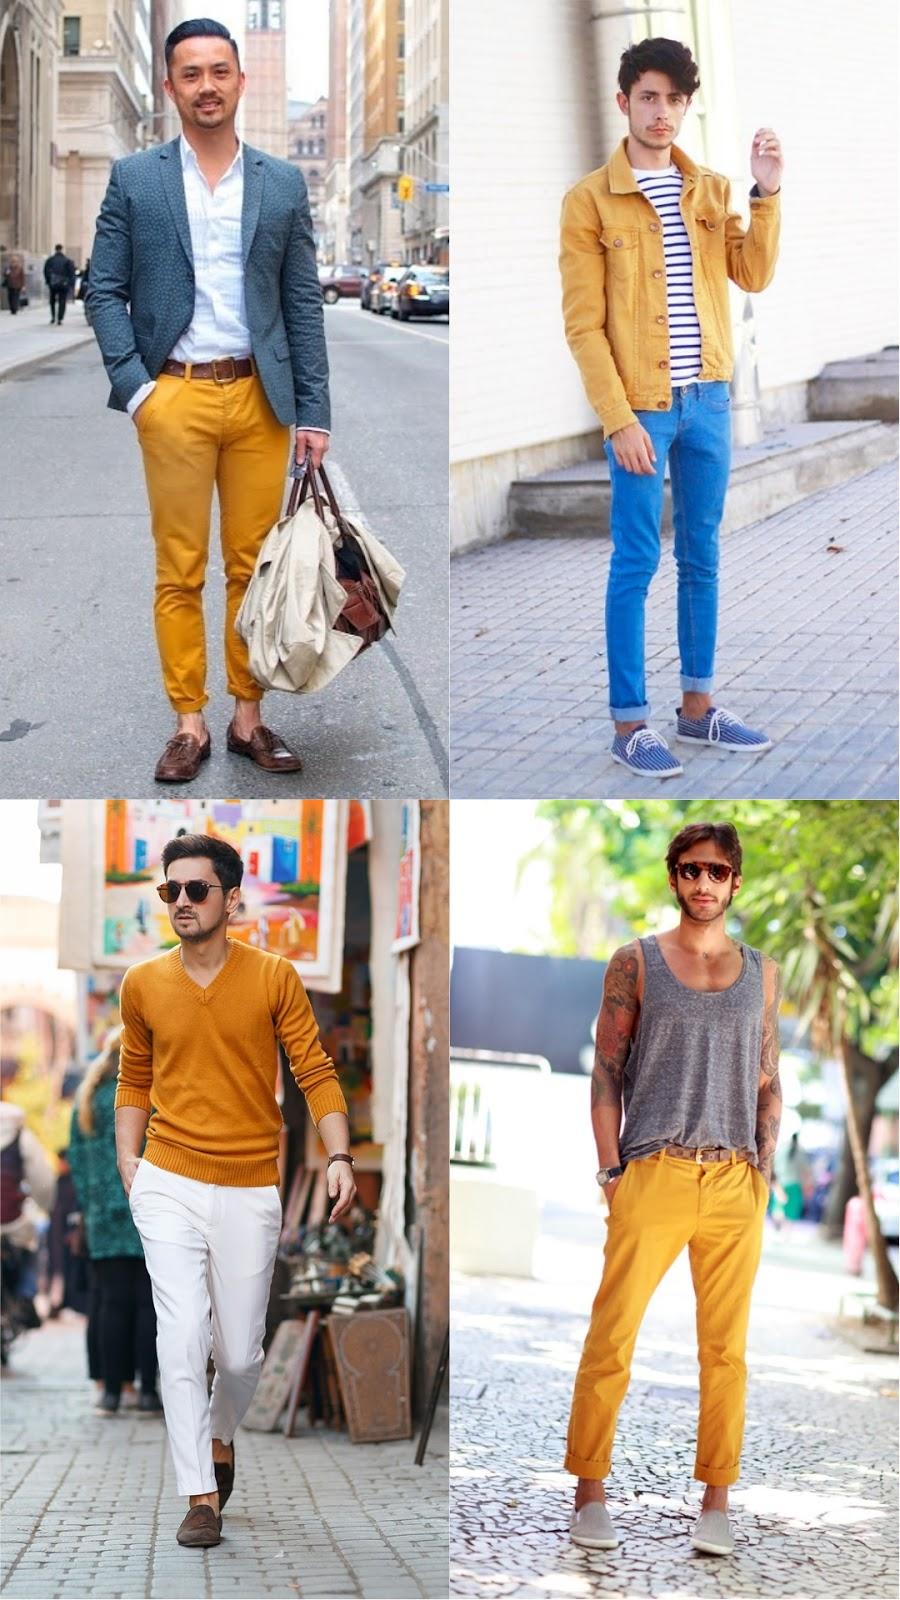 tendencias-moda-masculina-primavera-verao-2019-blog-tres-chic-look-amarelo-mostarda